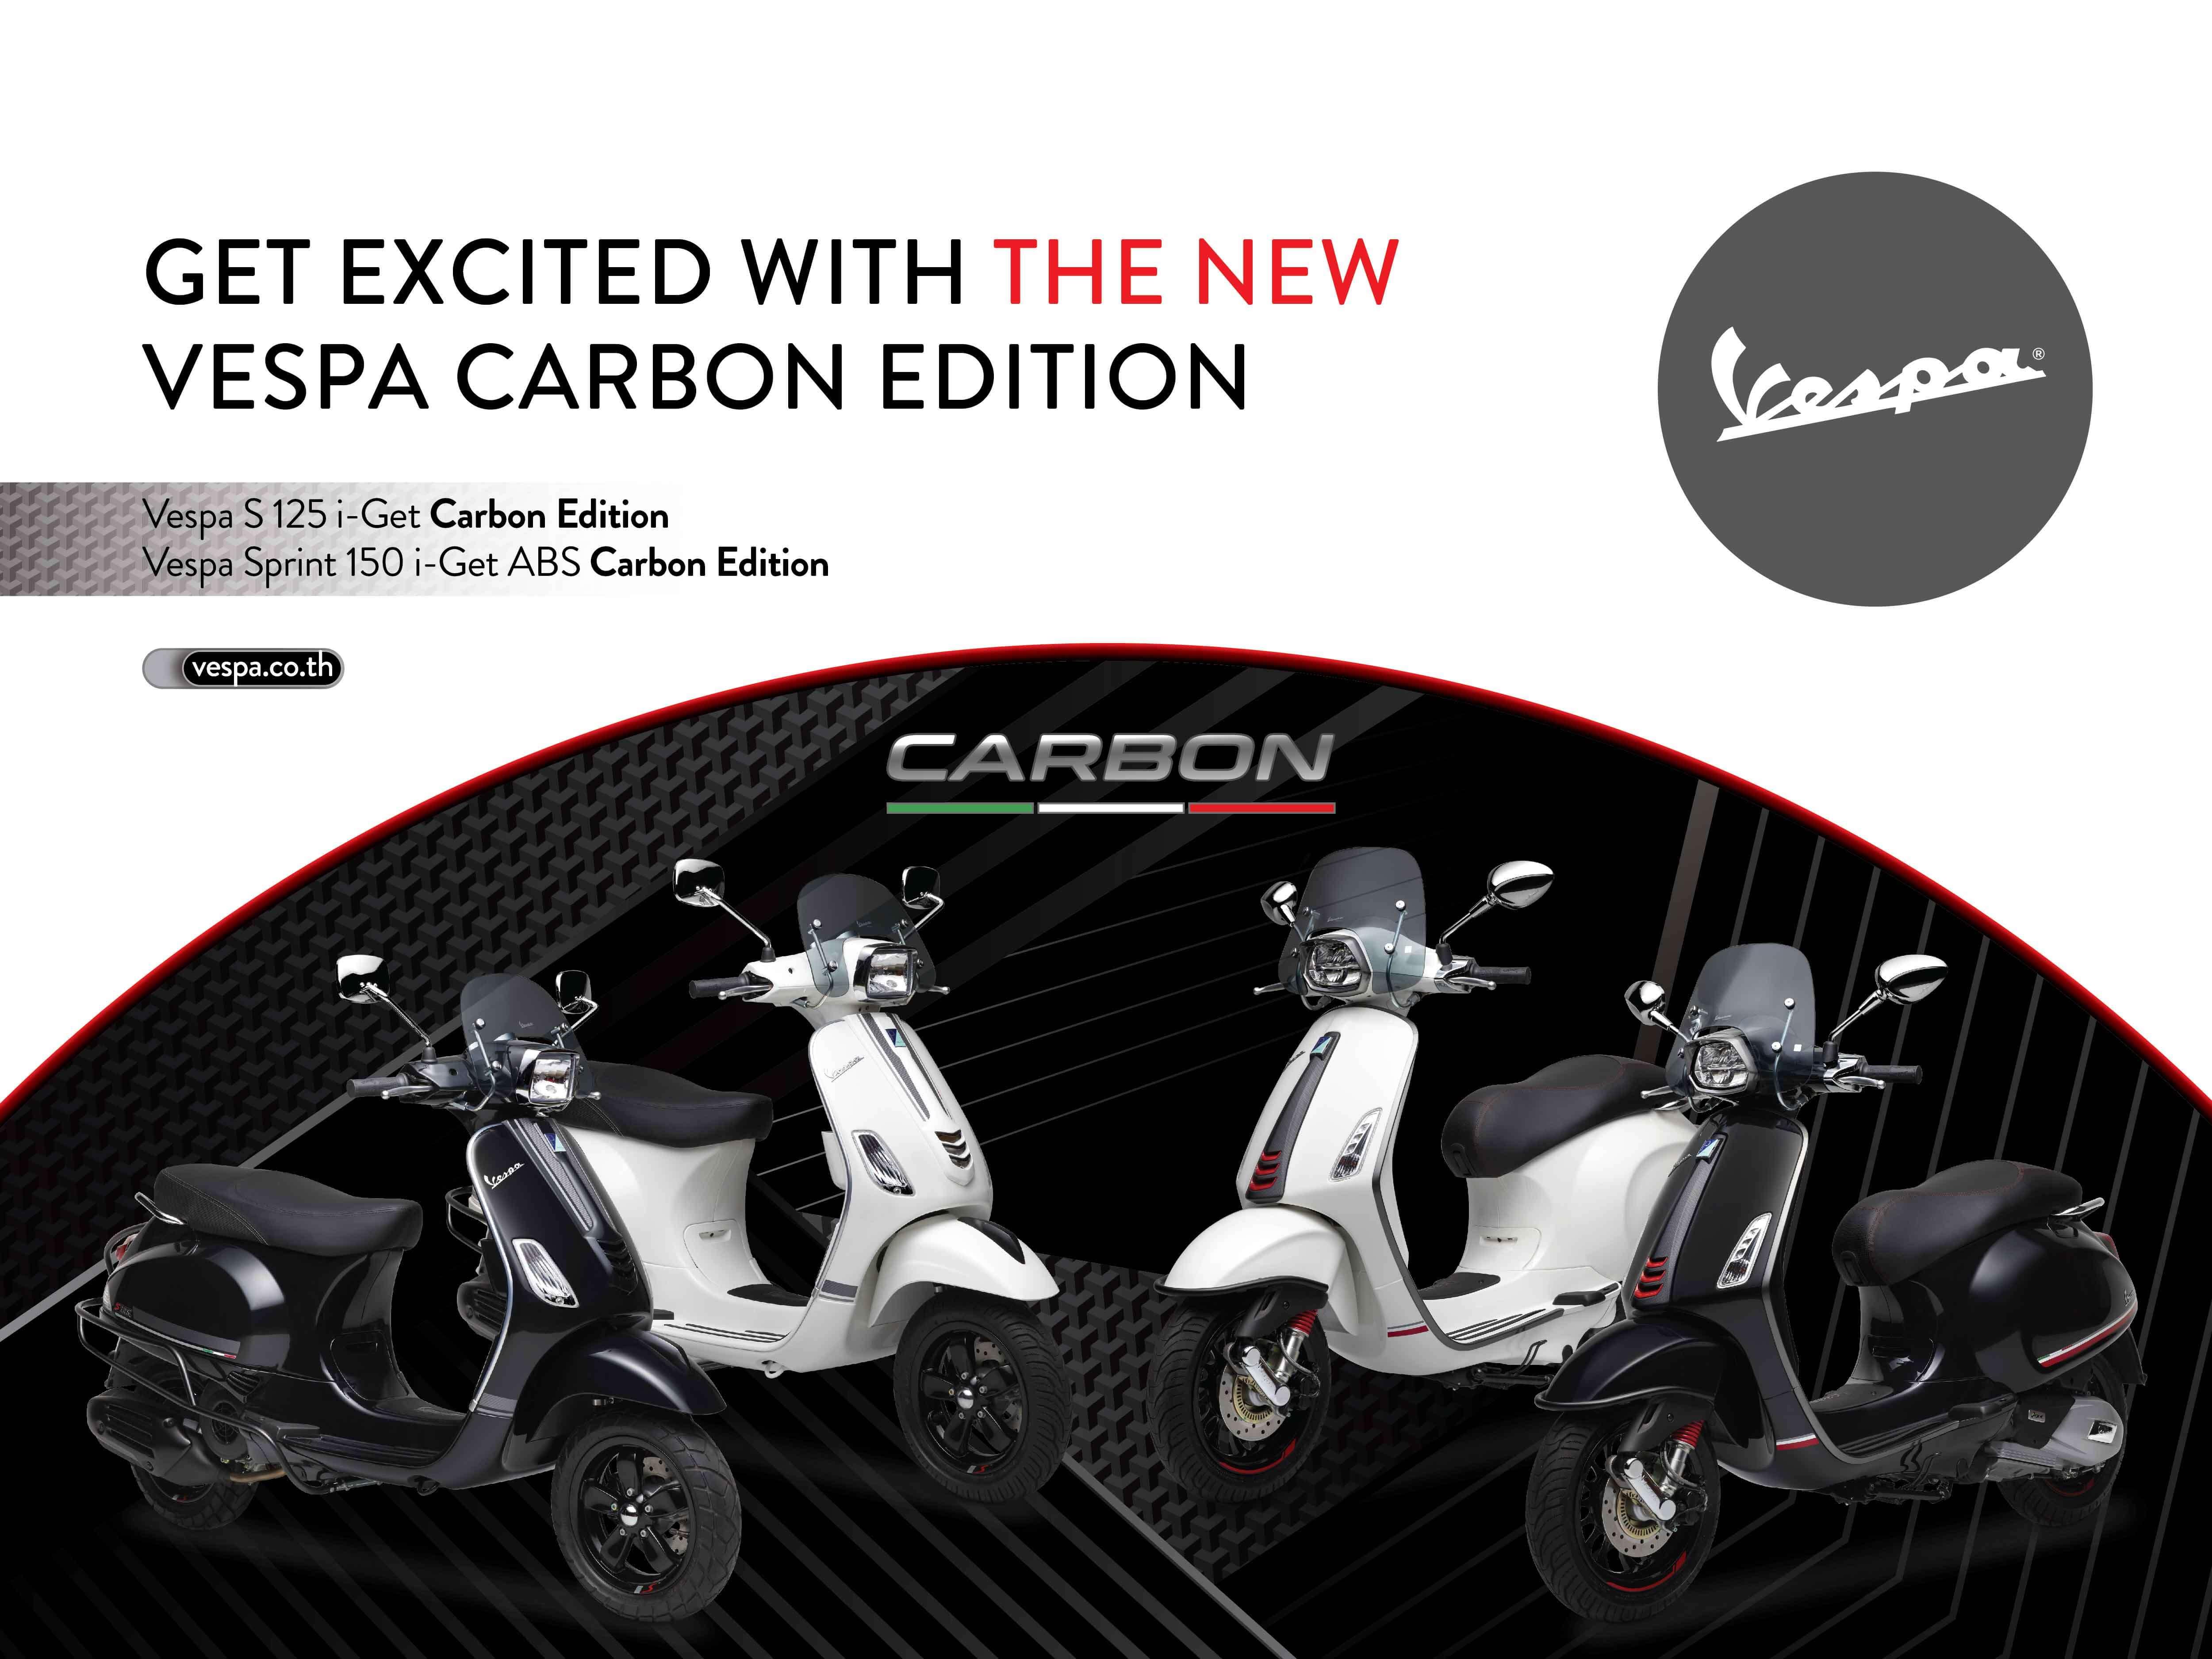 สุดปราดเปรียว Vespa Sprint 150 i-Get ABS Carbon Edition   Vespa S 125 i-Get Carbon Edition